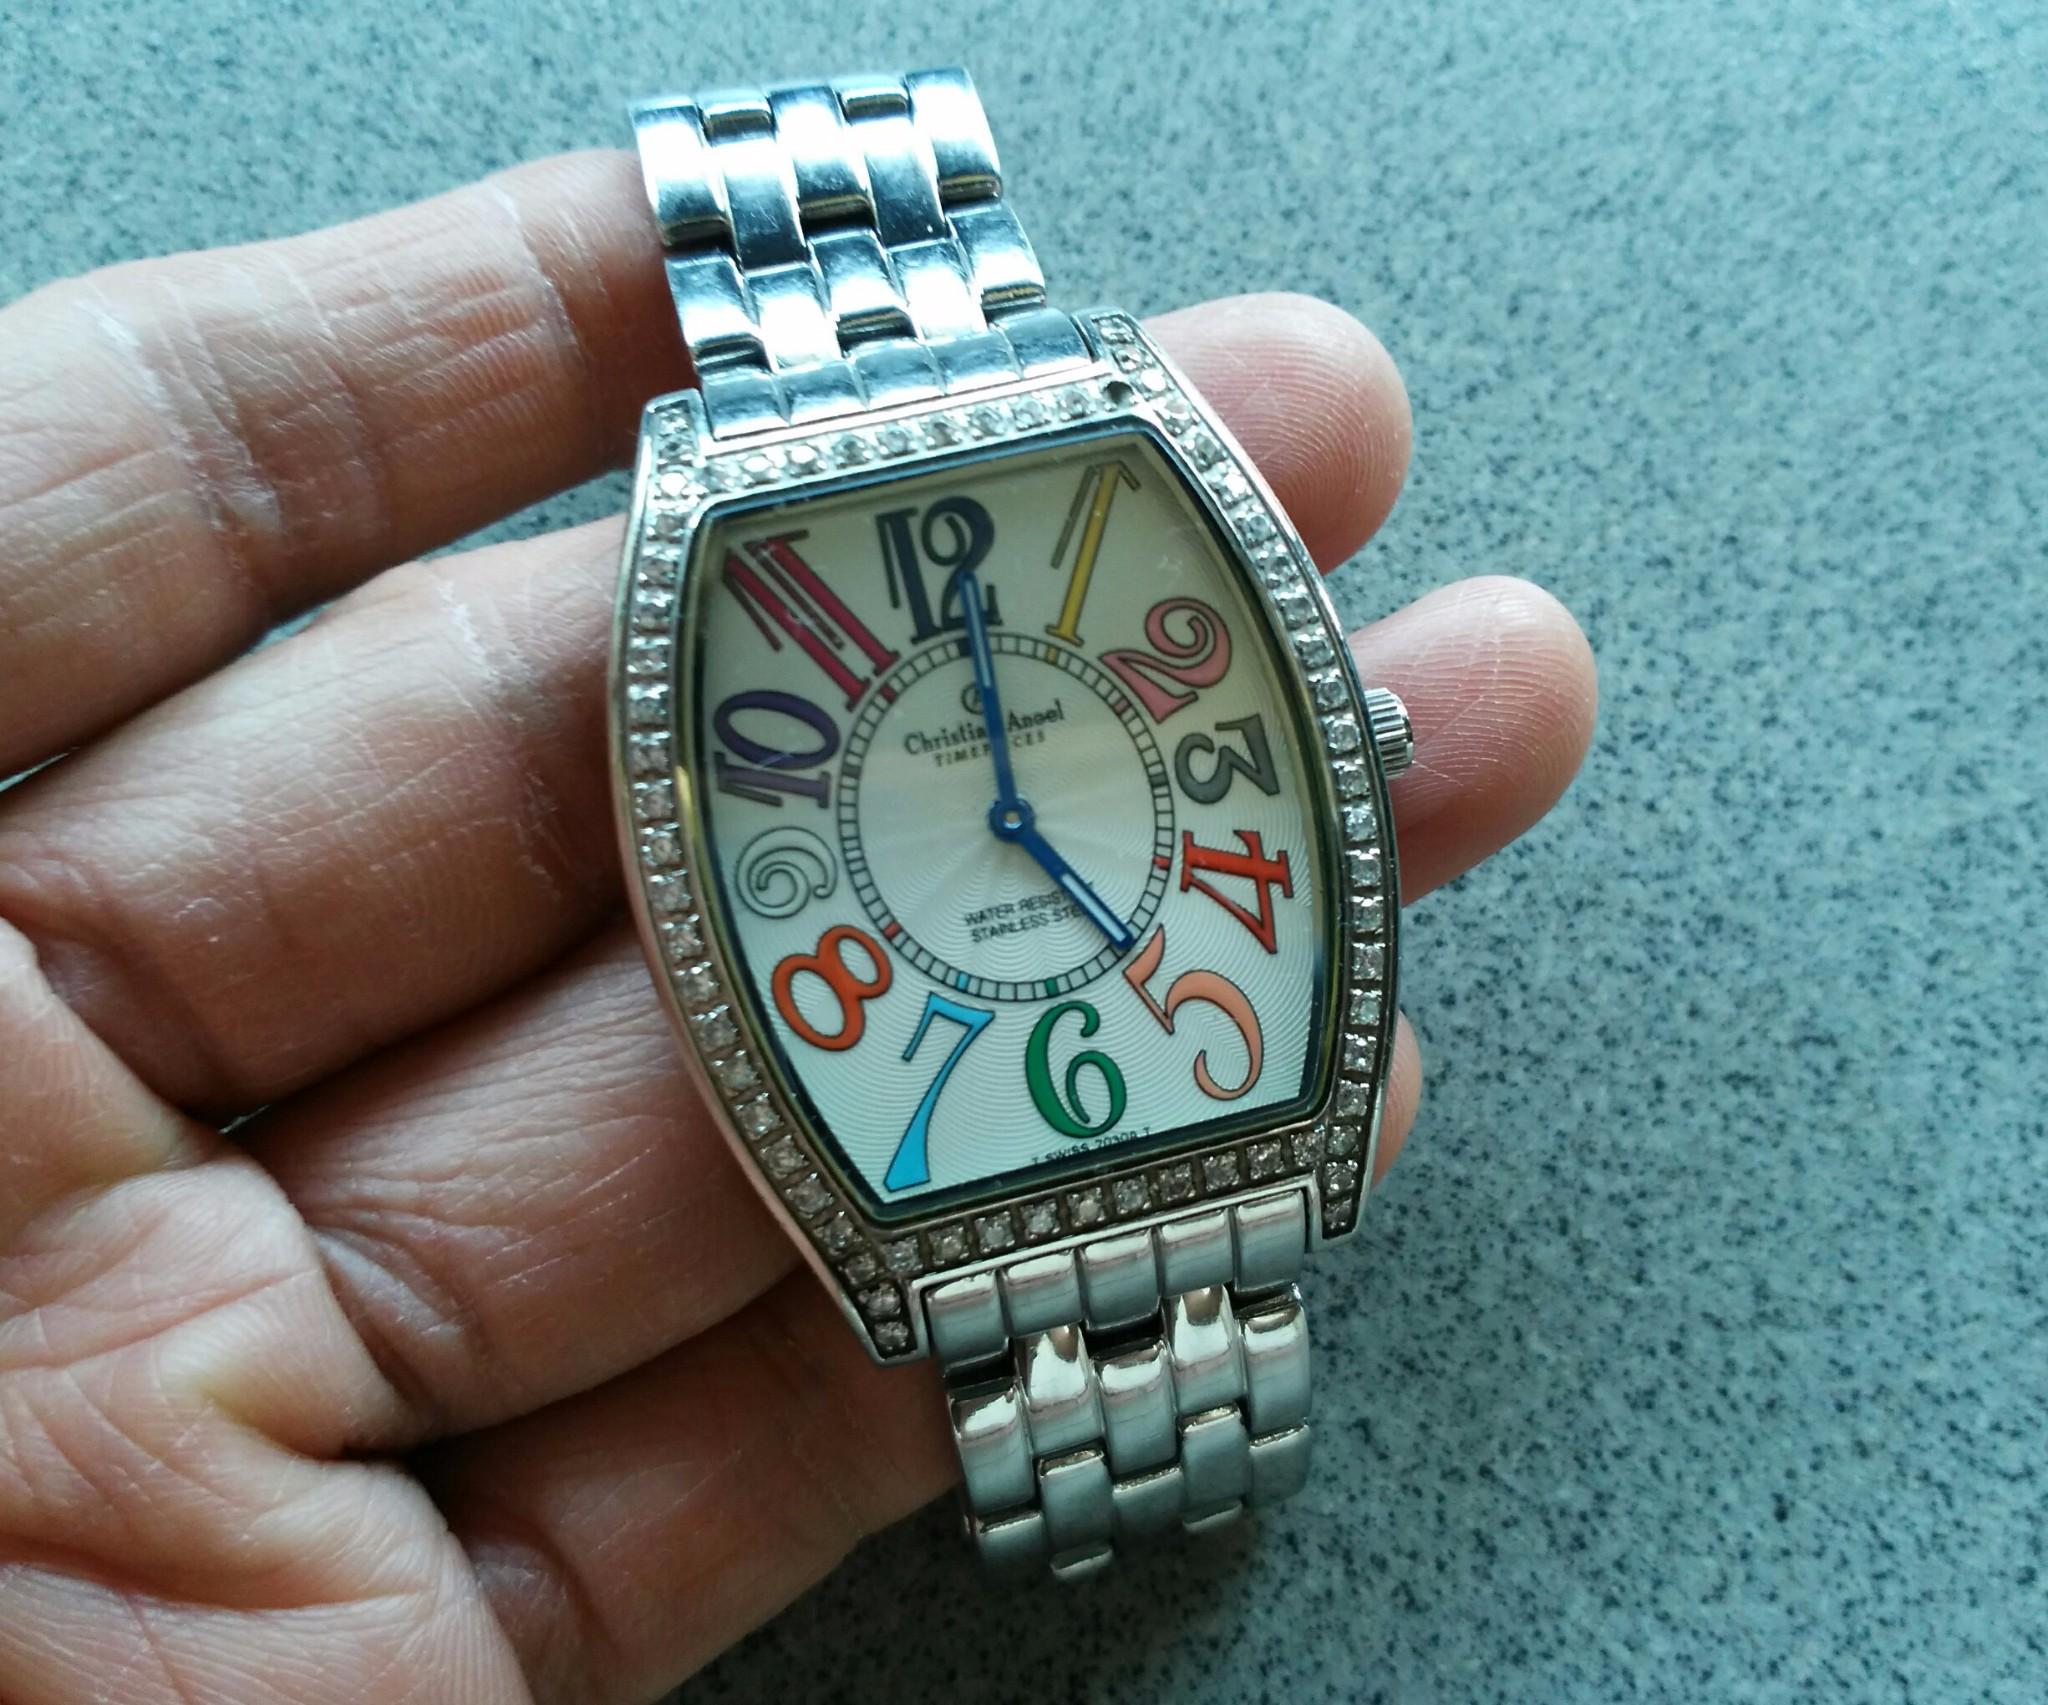 harga CHRISTIAN ANGEL TIMEPIECES 7030G Tokopedia.com